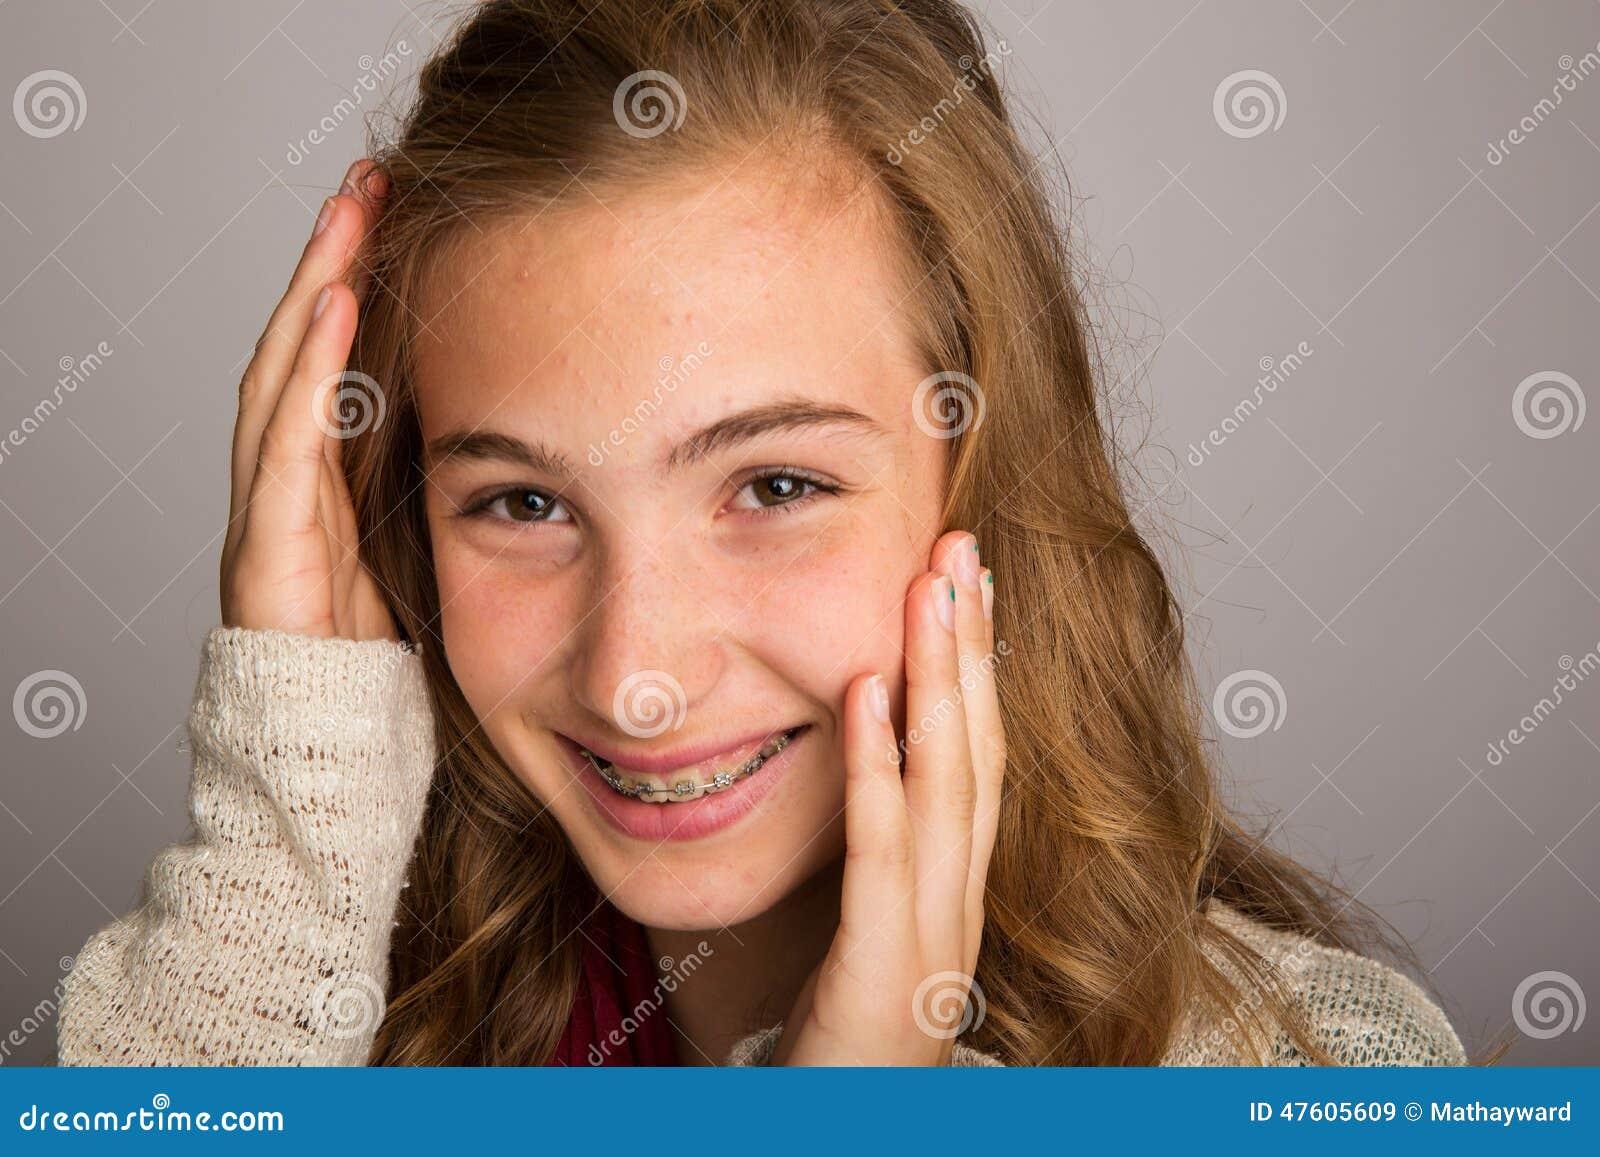 Tímida video chica Adolescente